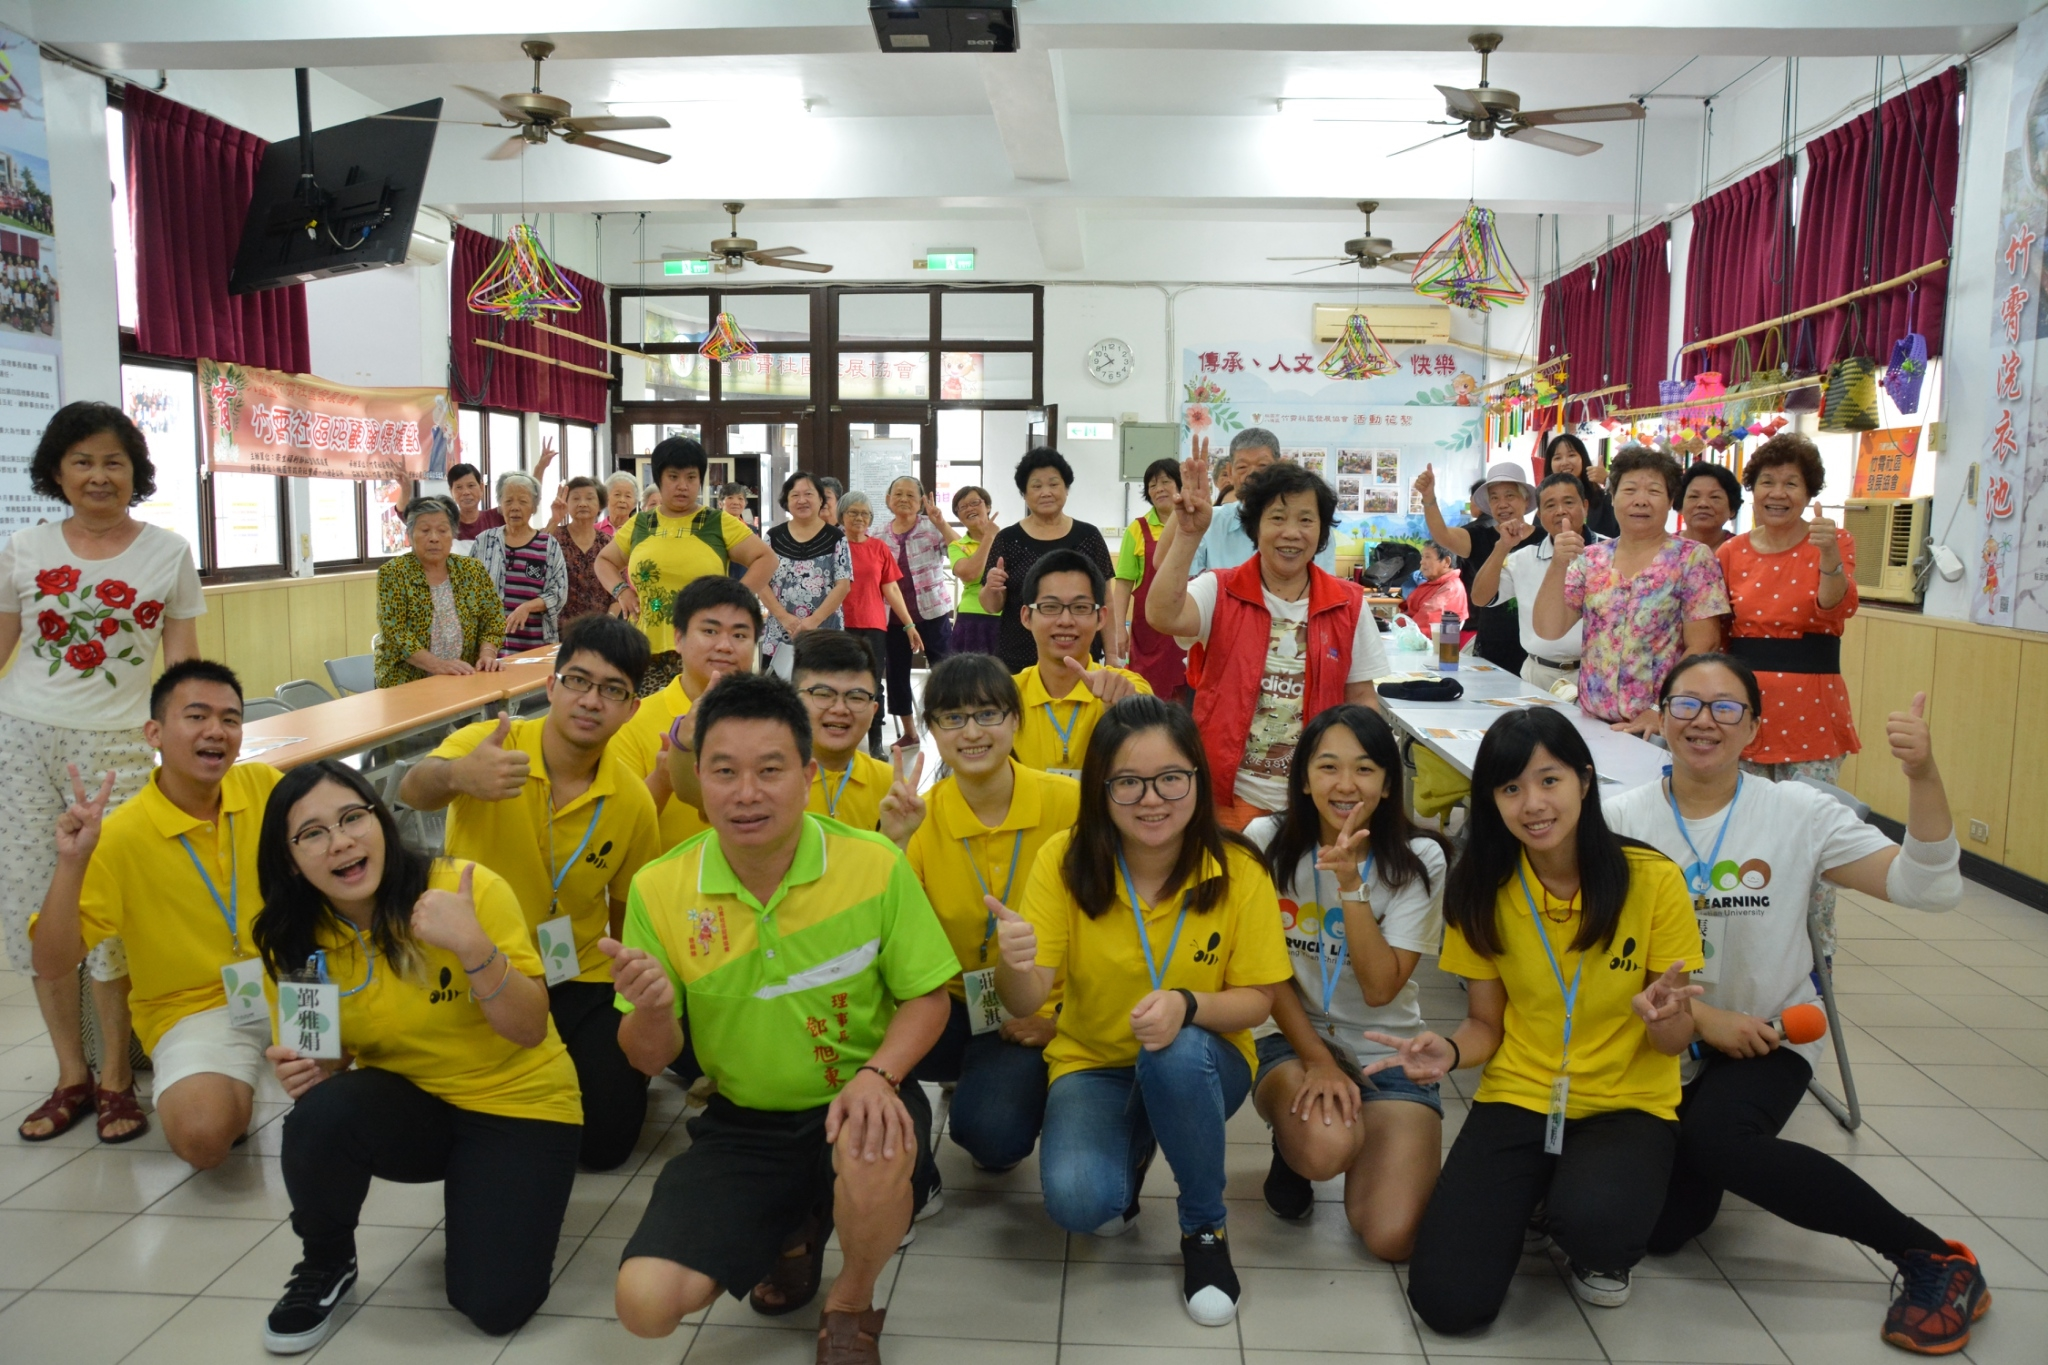 通稿照片02-中原大學環工系在竹霄社區成立關懷據點與民眾宣導低碳社區.jpg